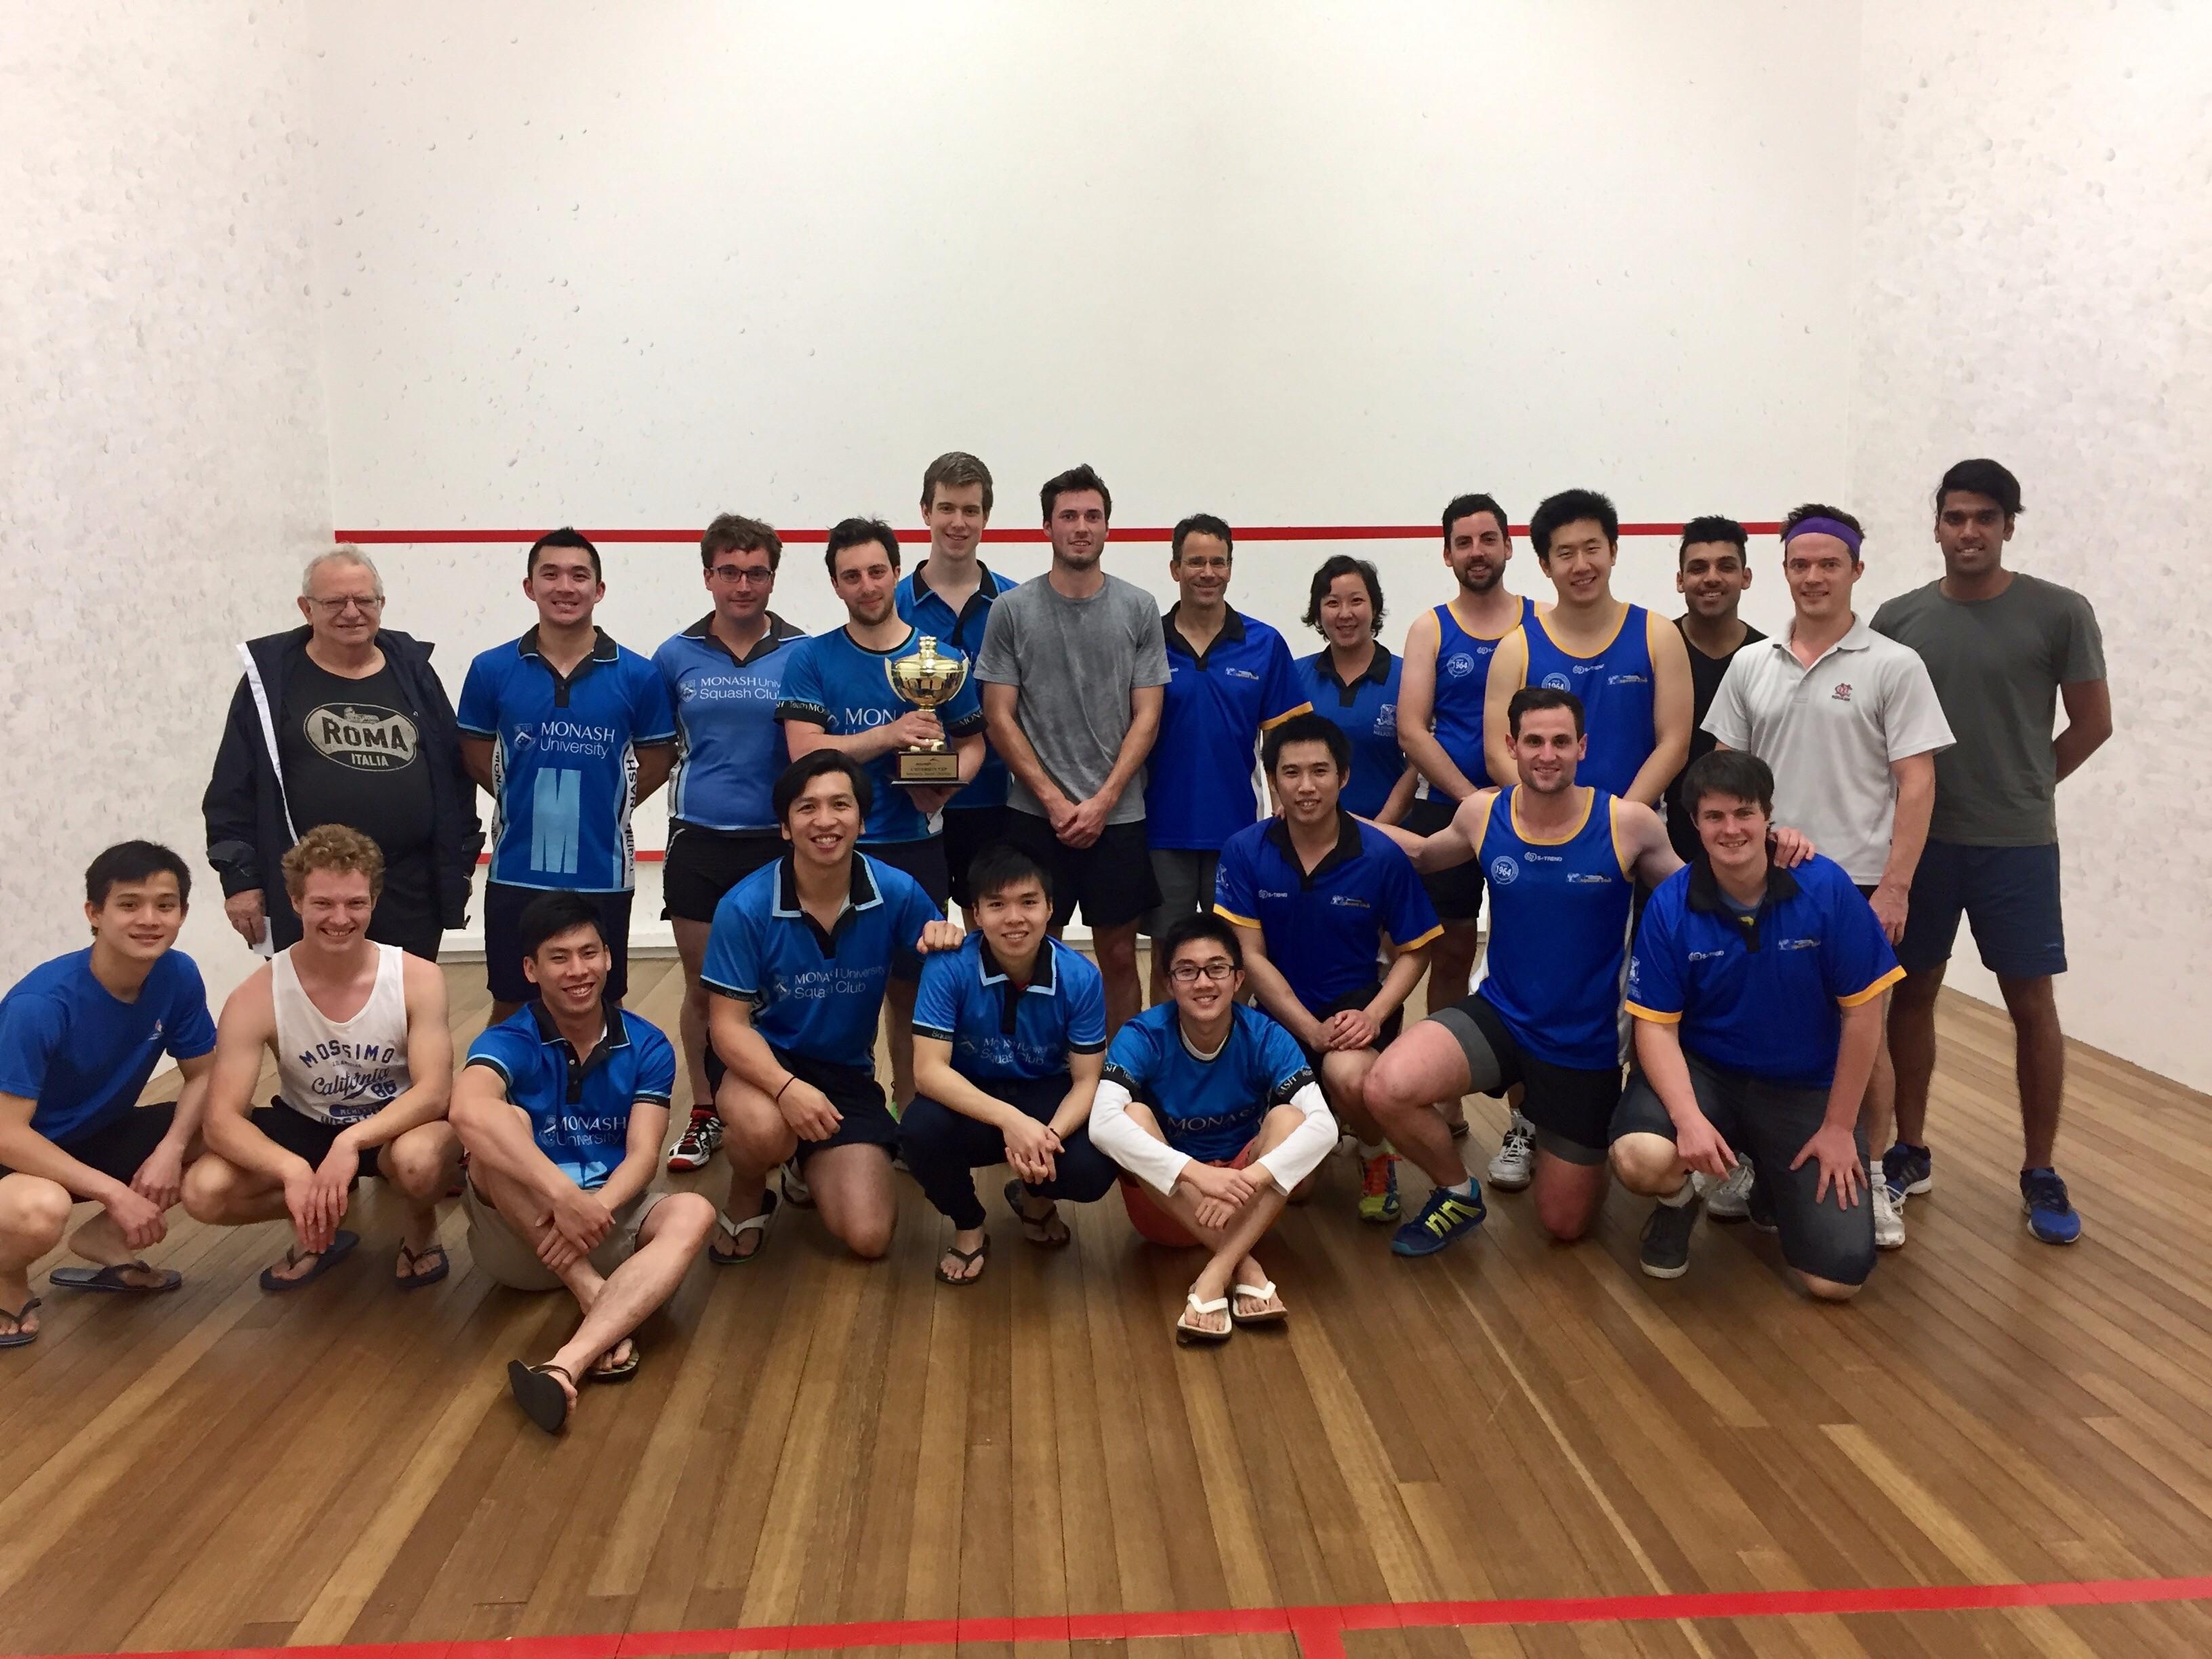 Monash University secures maiden University Squash Cup title ...